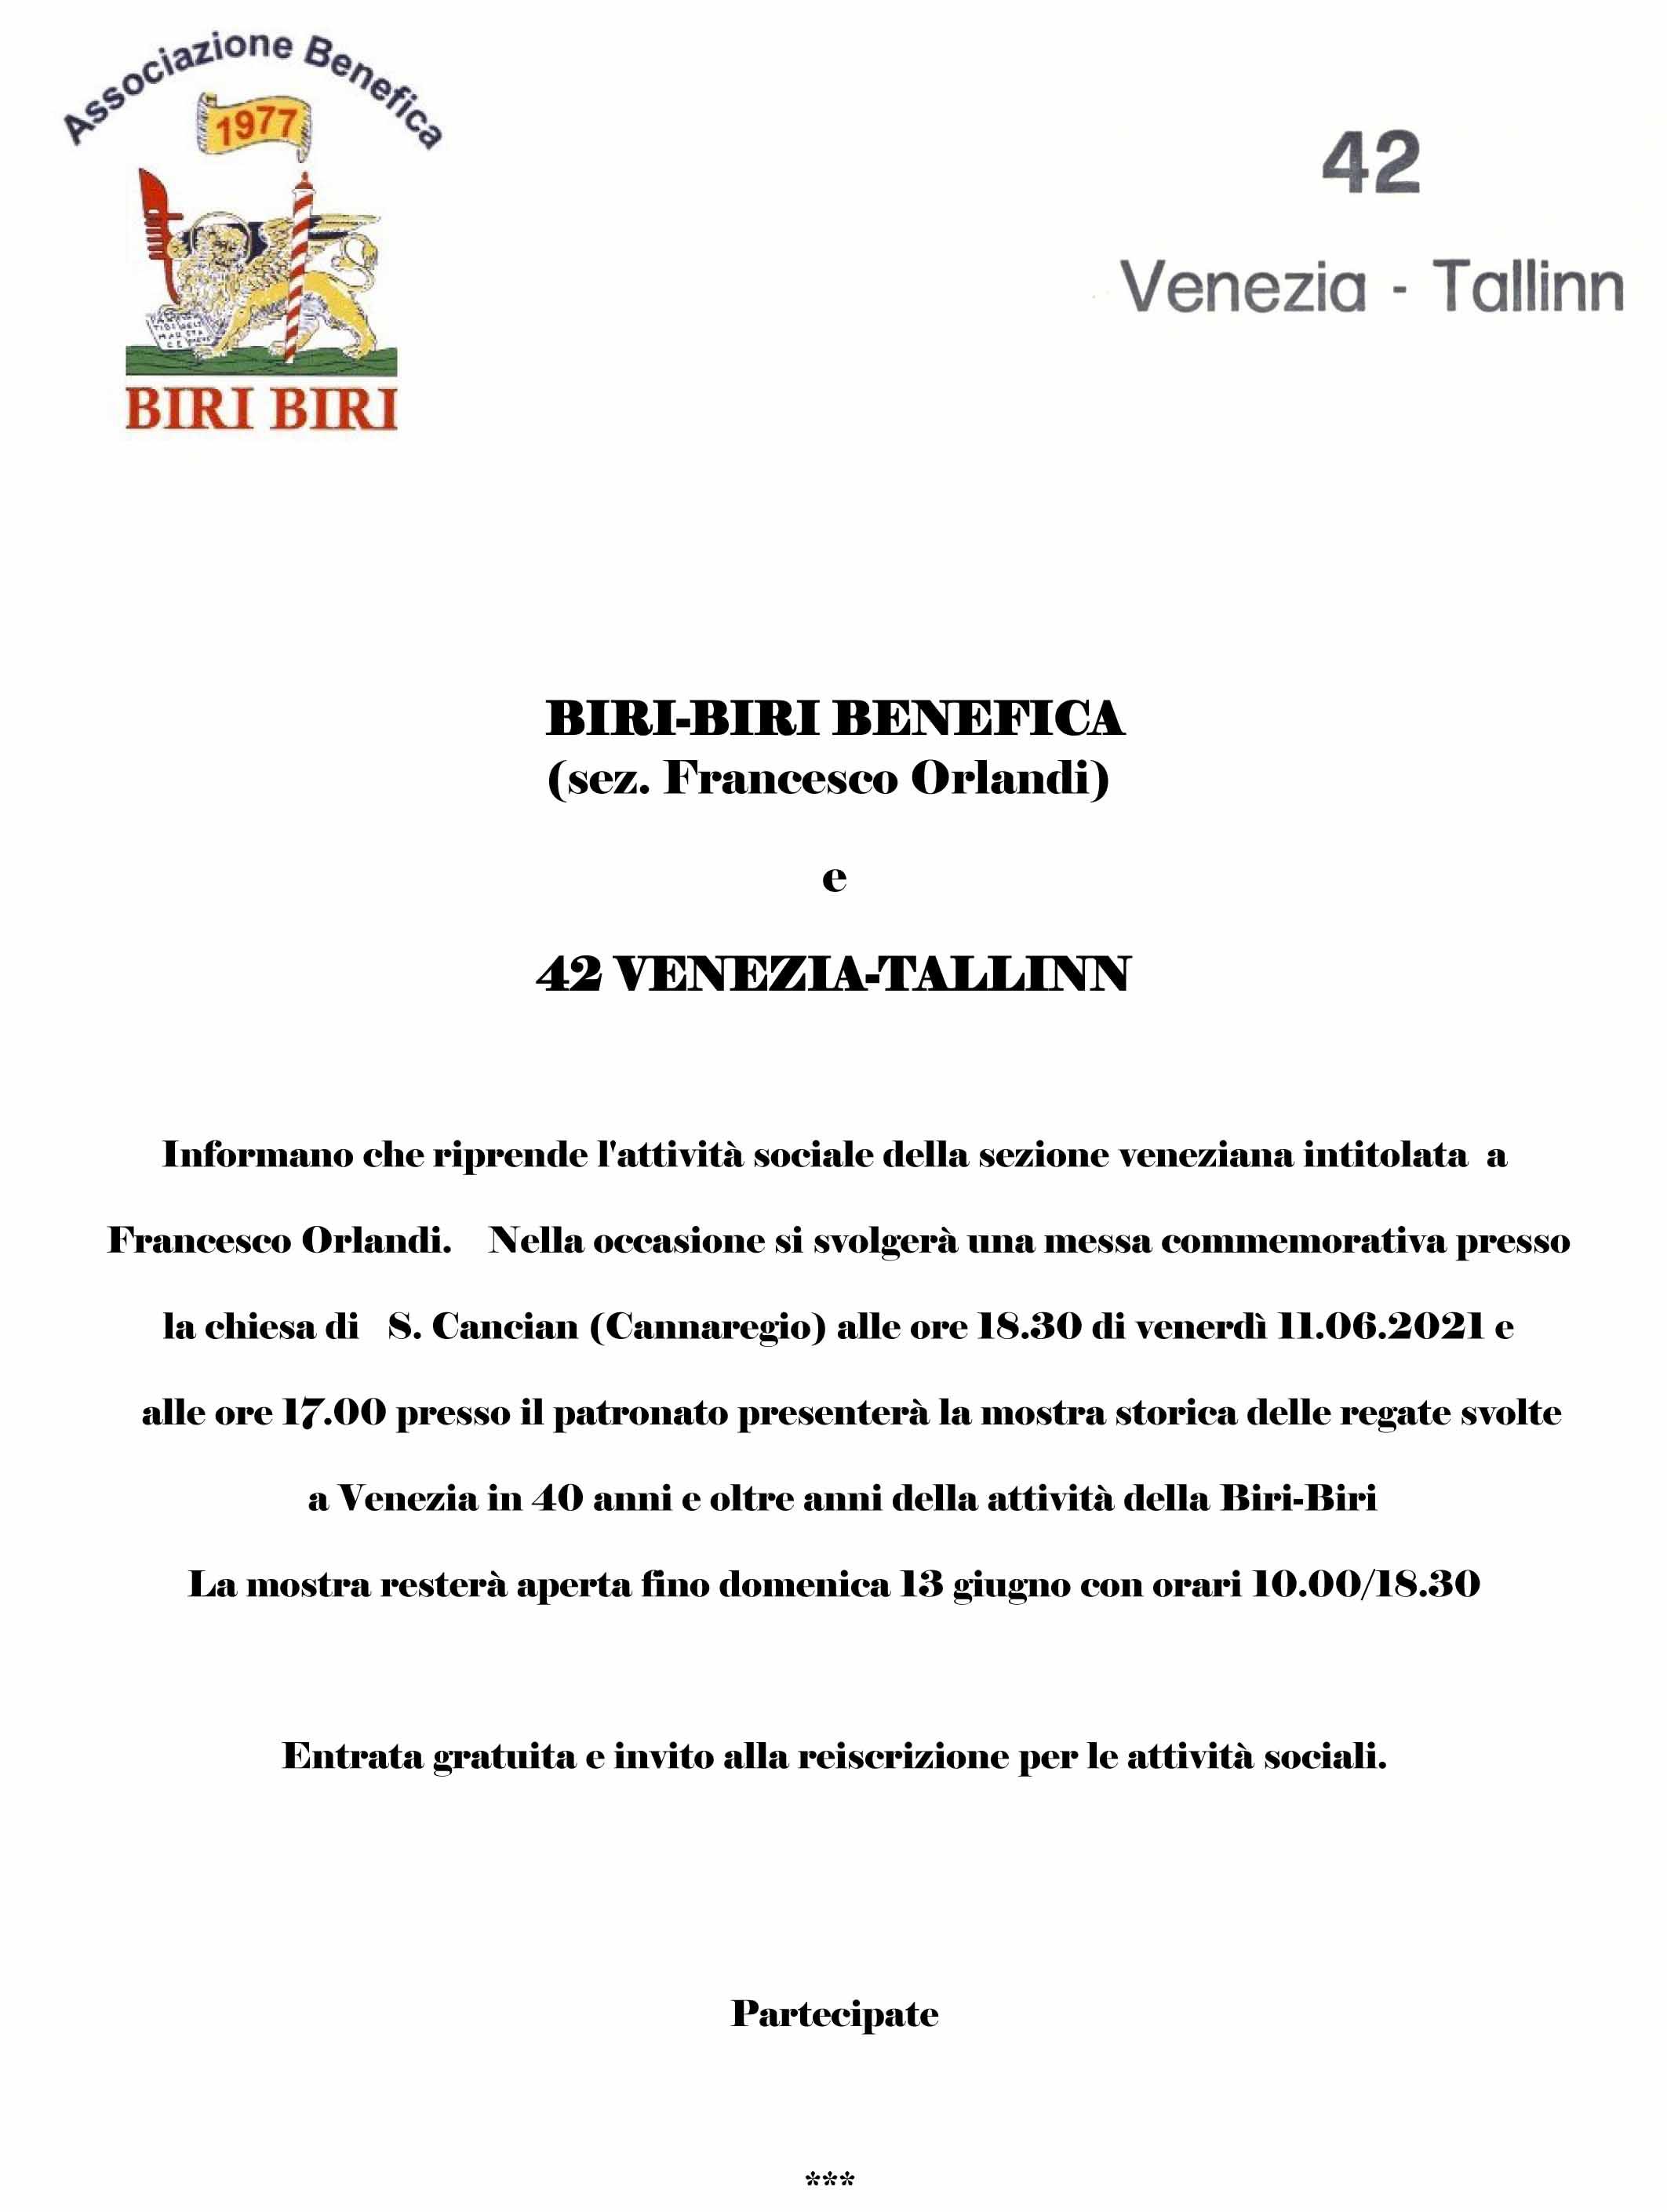 BIRI BIRI BENEFICA - Copia